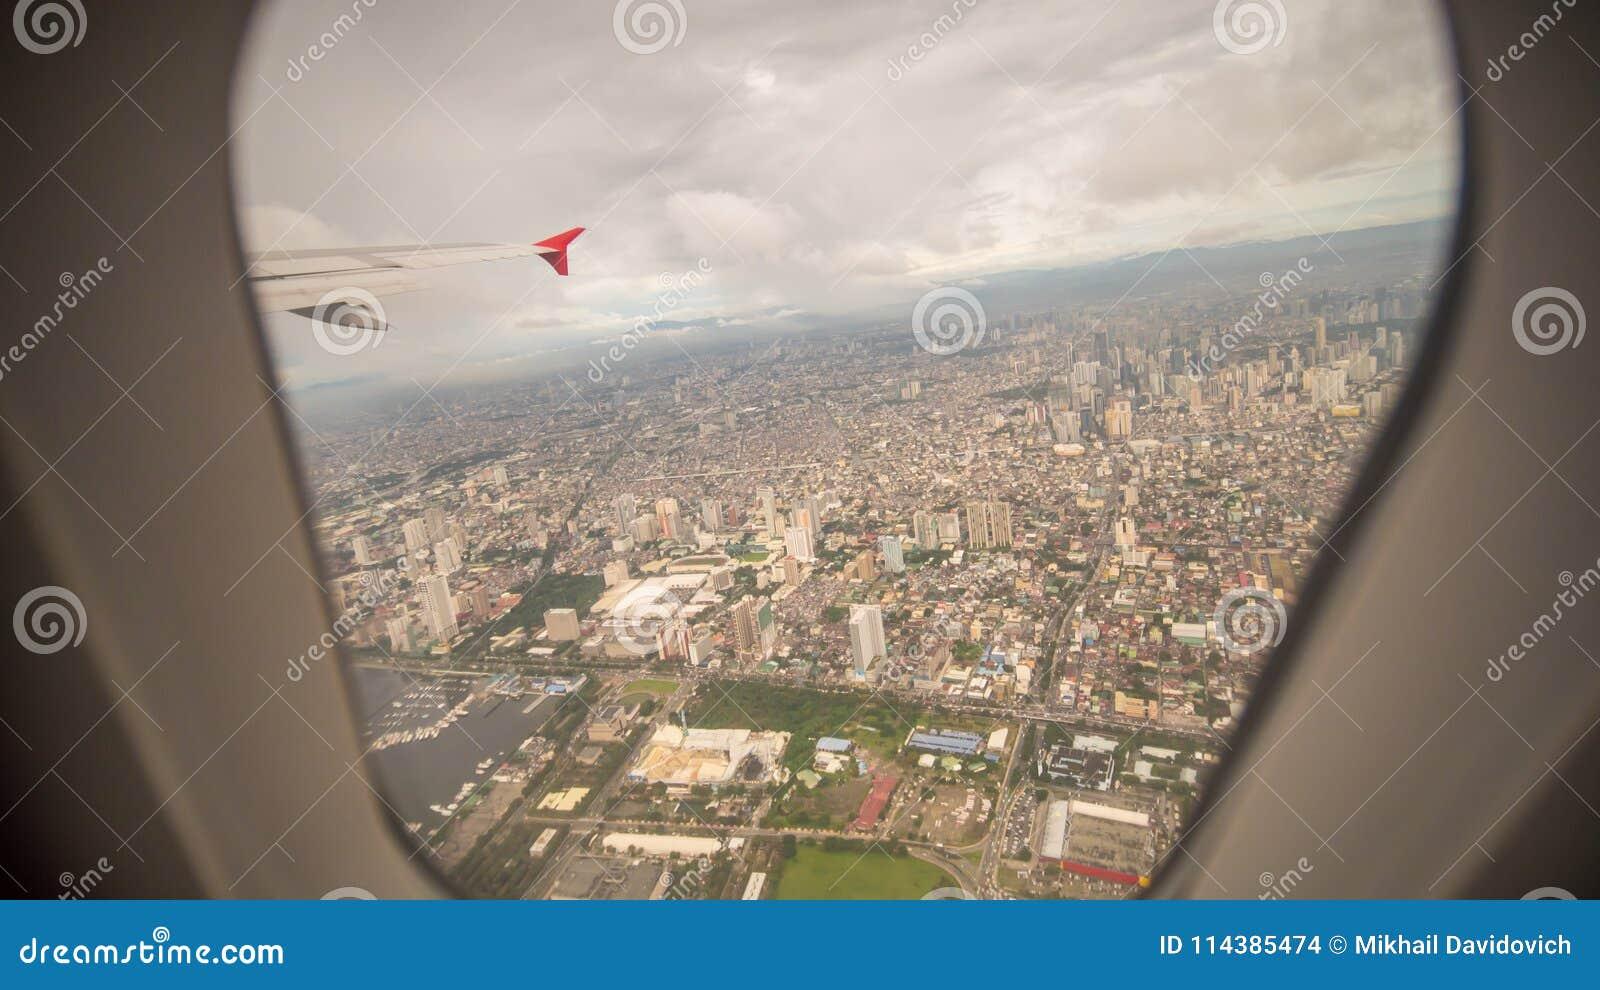 Visión desde la ventana del avión a la ciudad de Manila filipinas